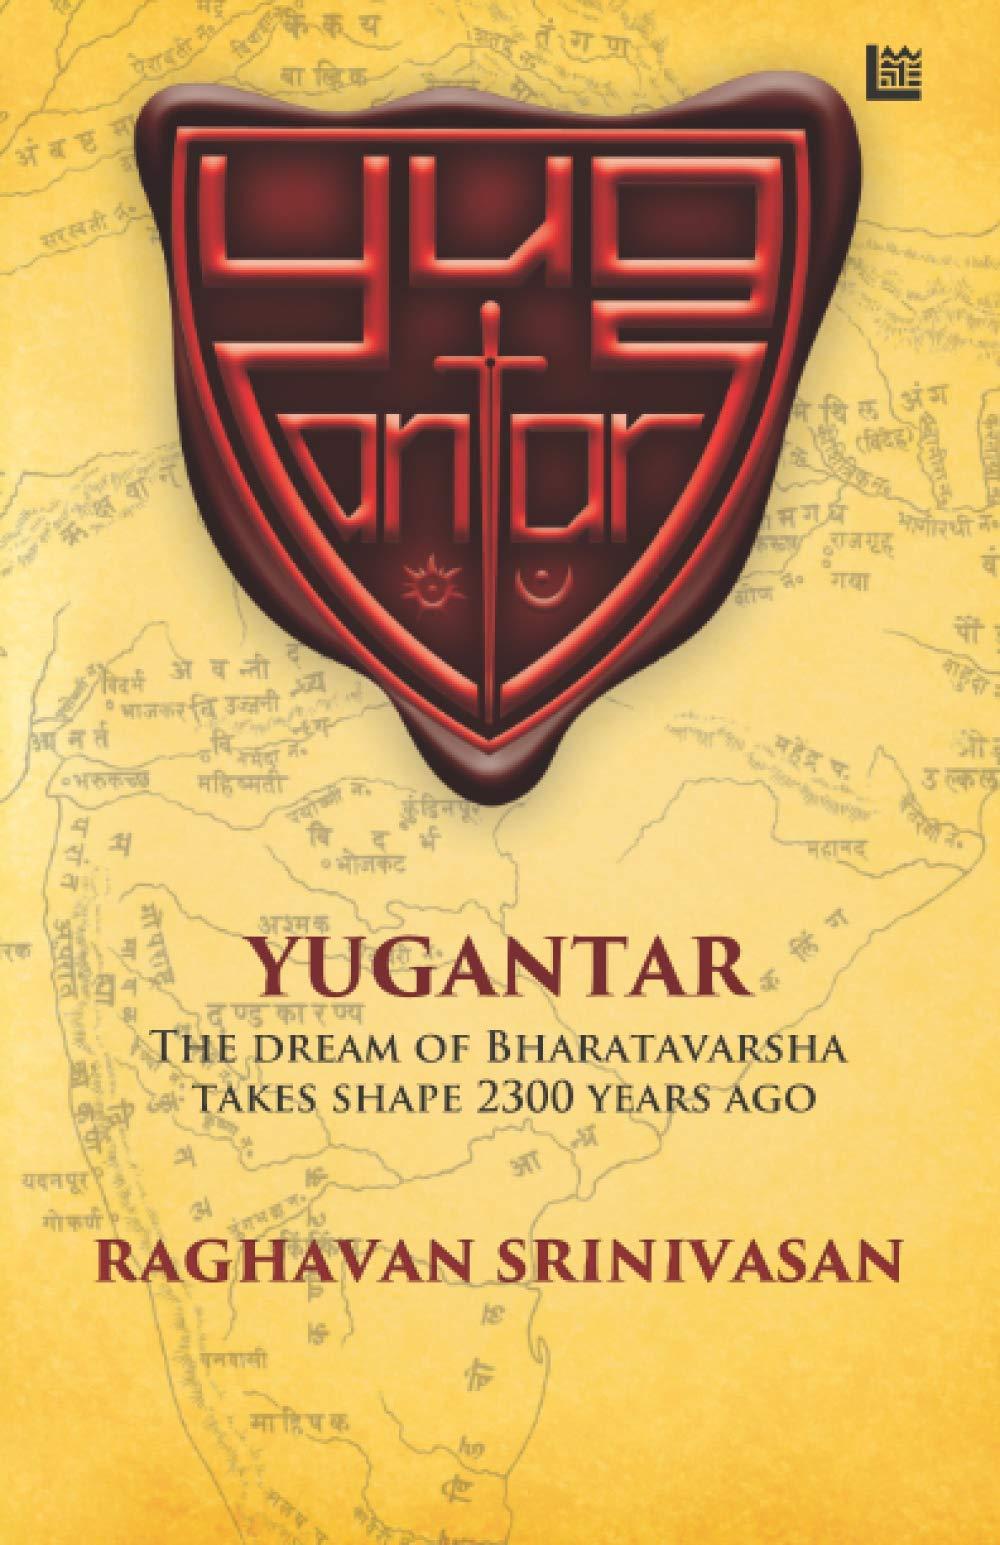 Raghavan Srinivasan - the author of Yugantar